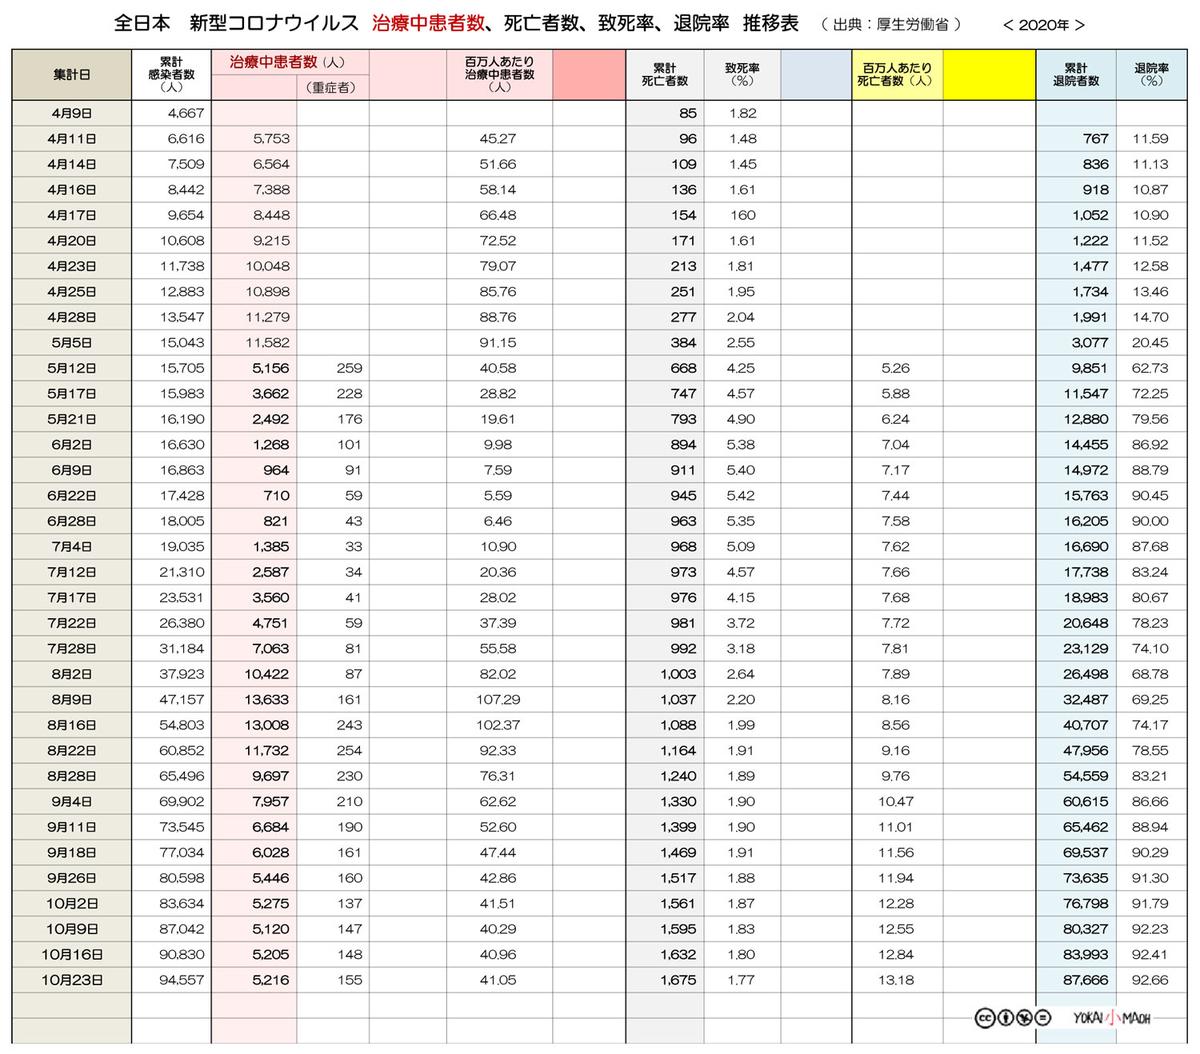 f:id:youkaidaimaou:20201026003724j:plain